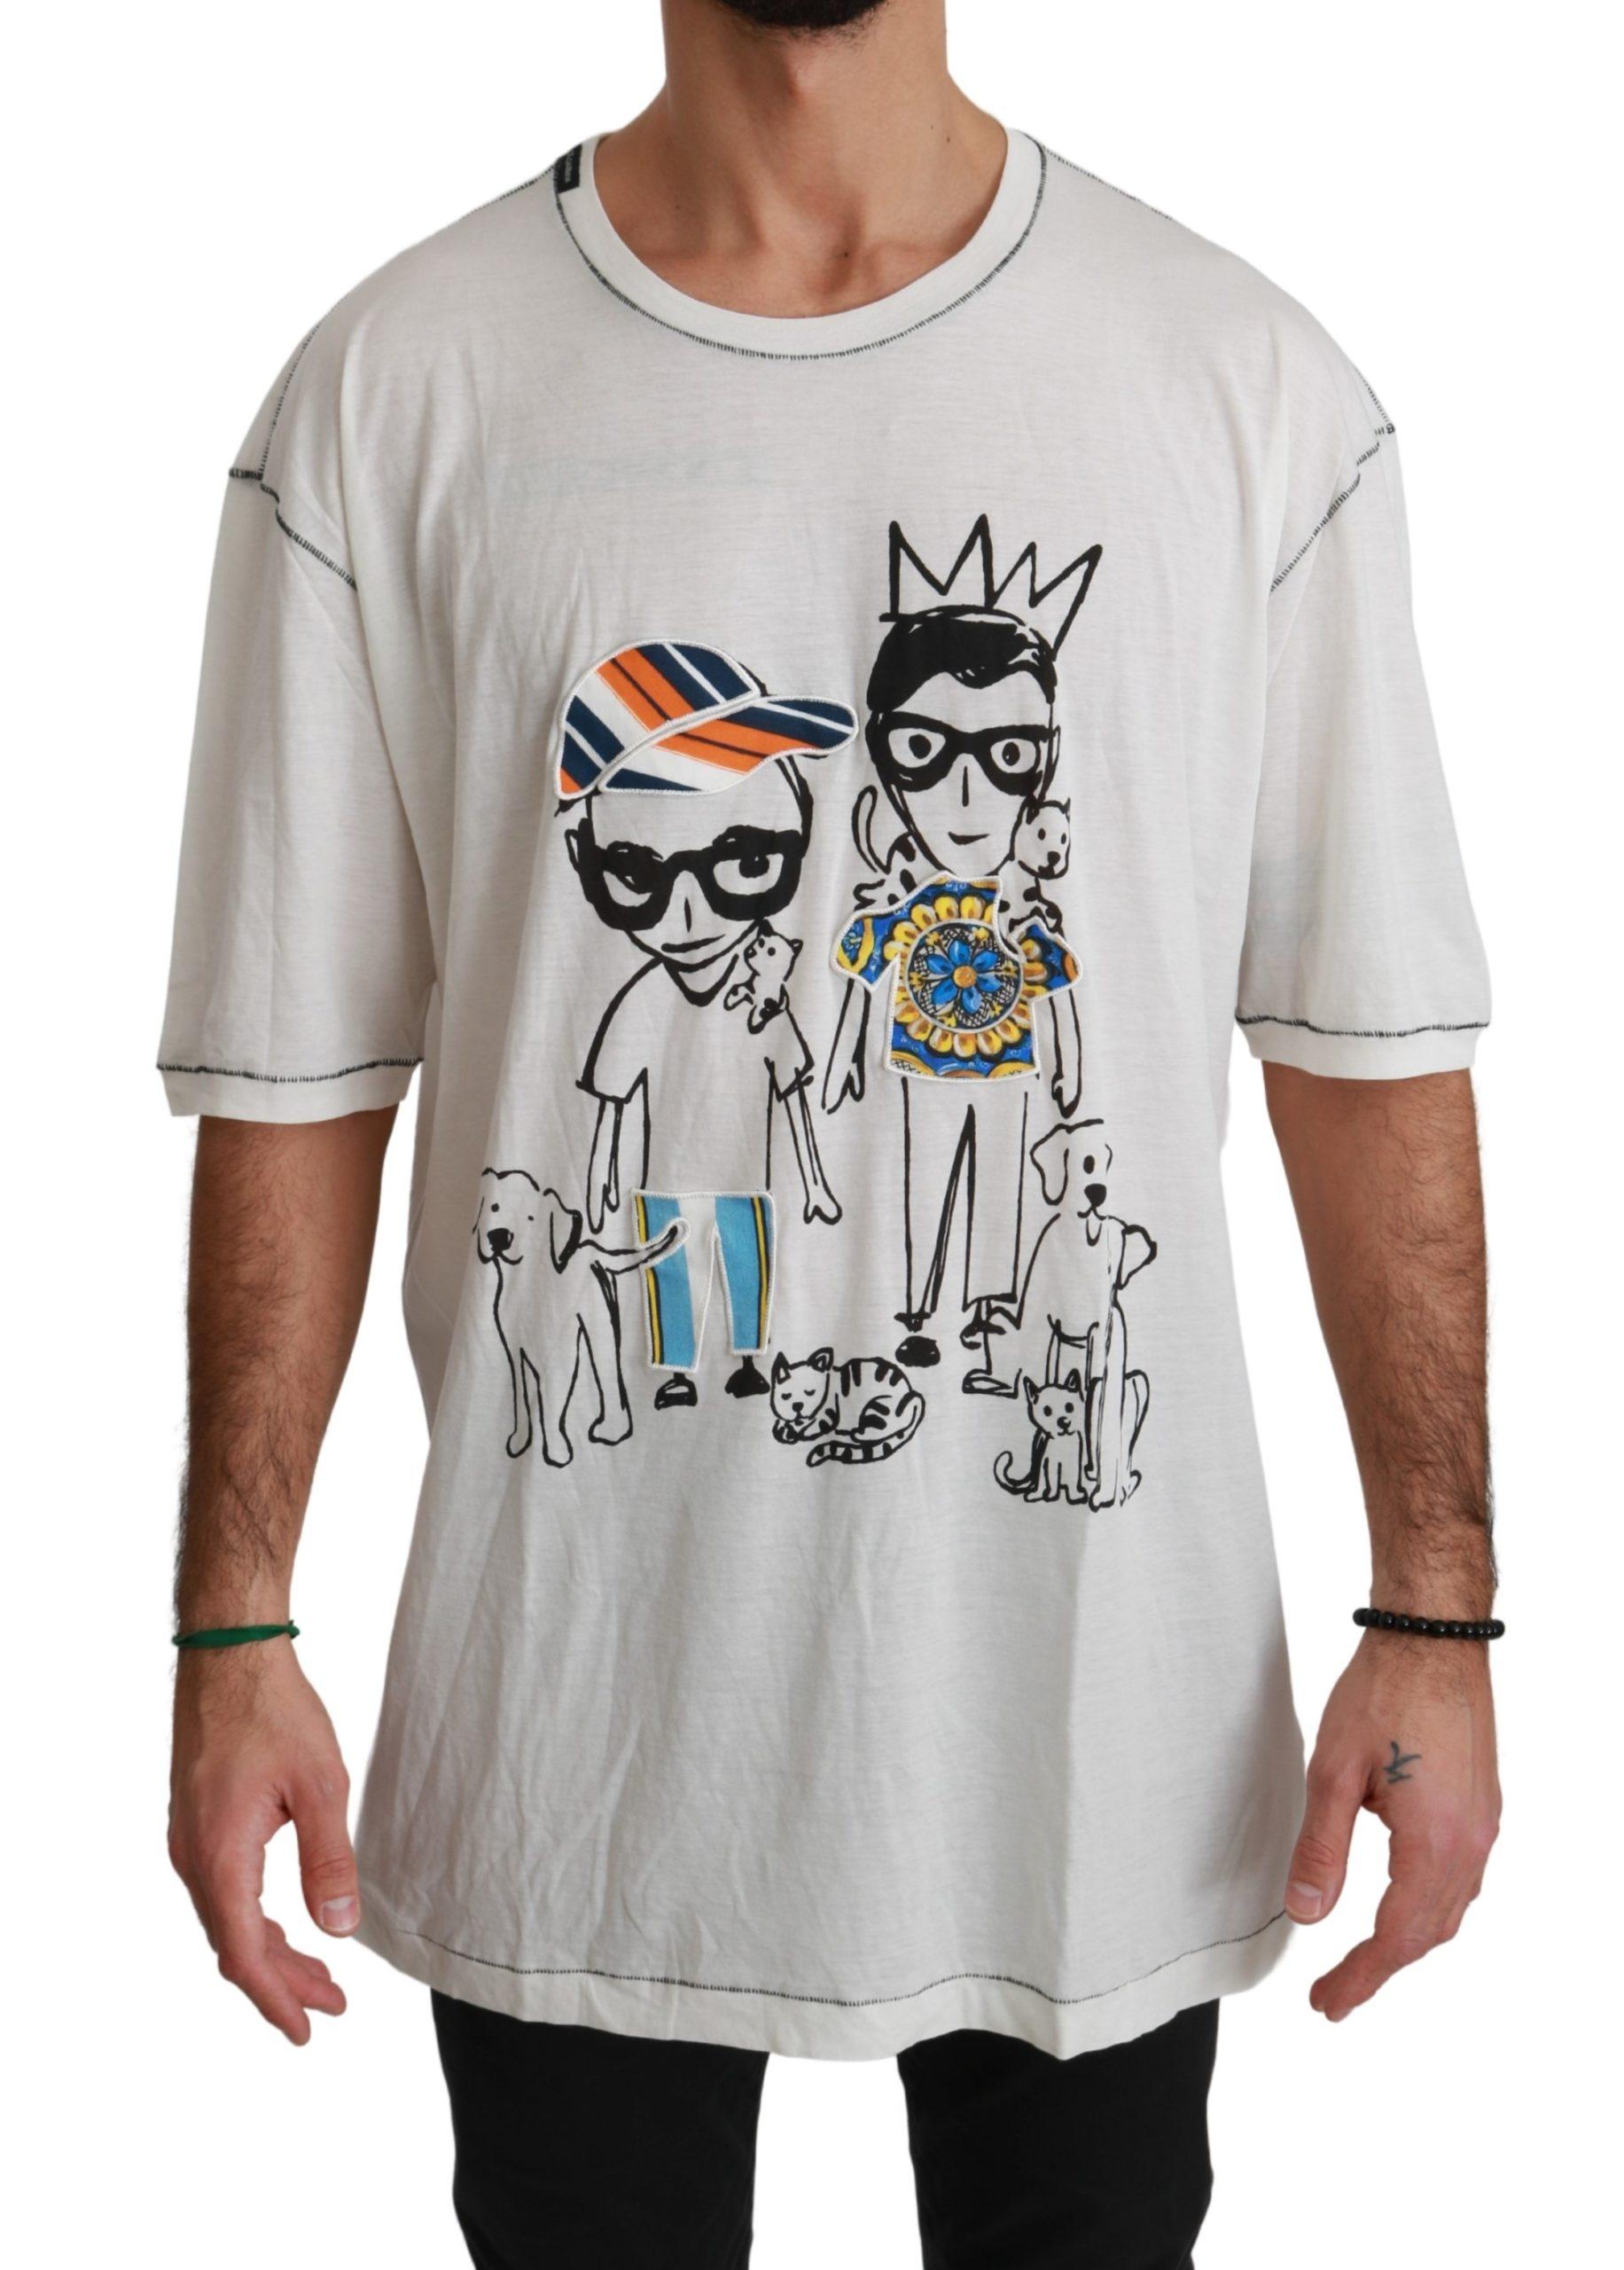 Dolce & Gabbana Men's Printed Cotton T-Shirts White/Black TSH4477 - IT54   XL